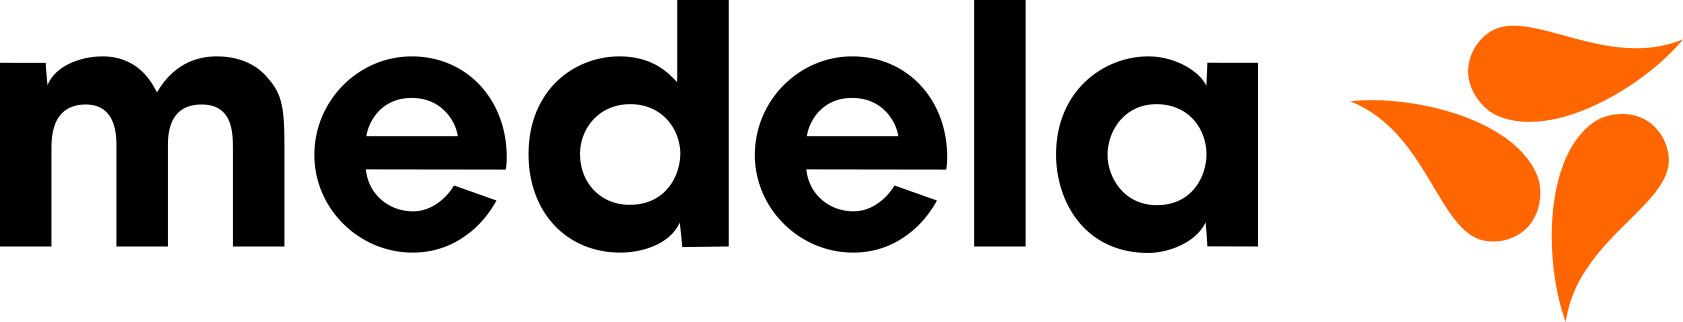 logo_medela hi res original_CMYK.jpg